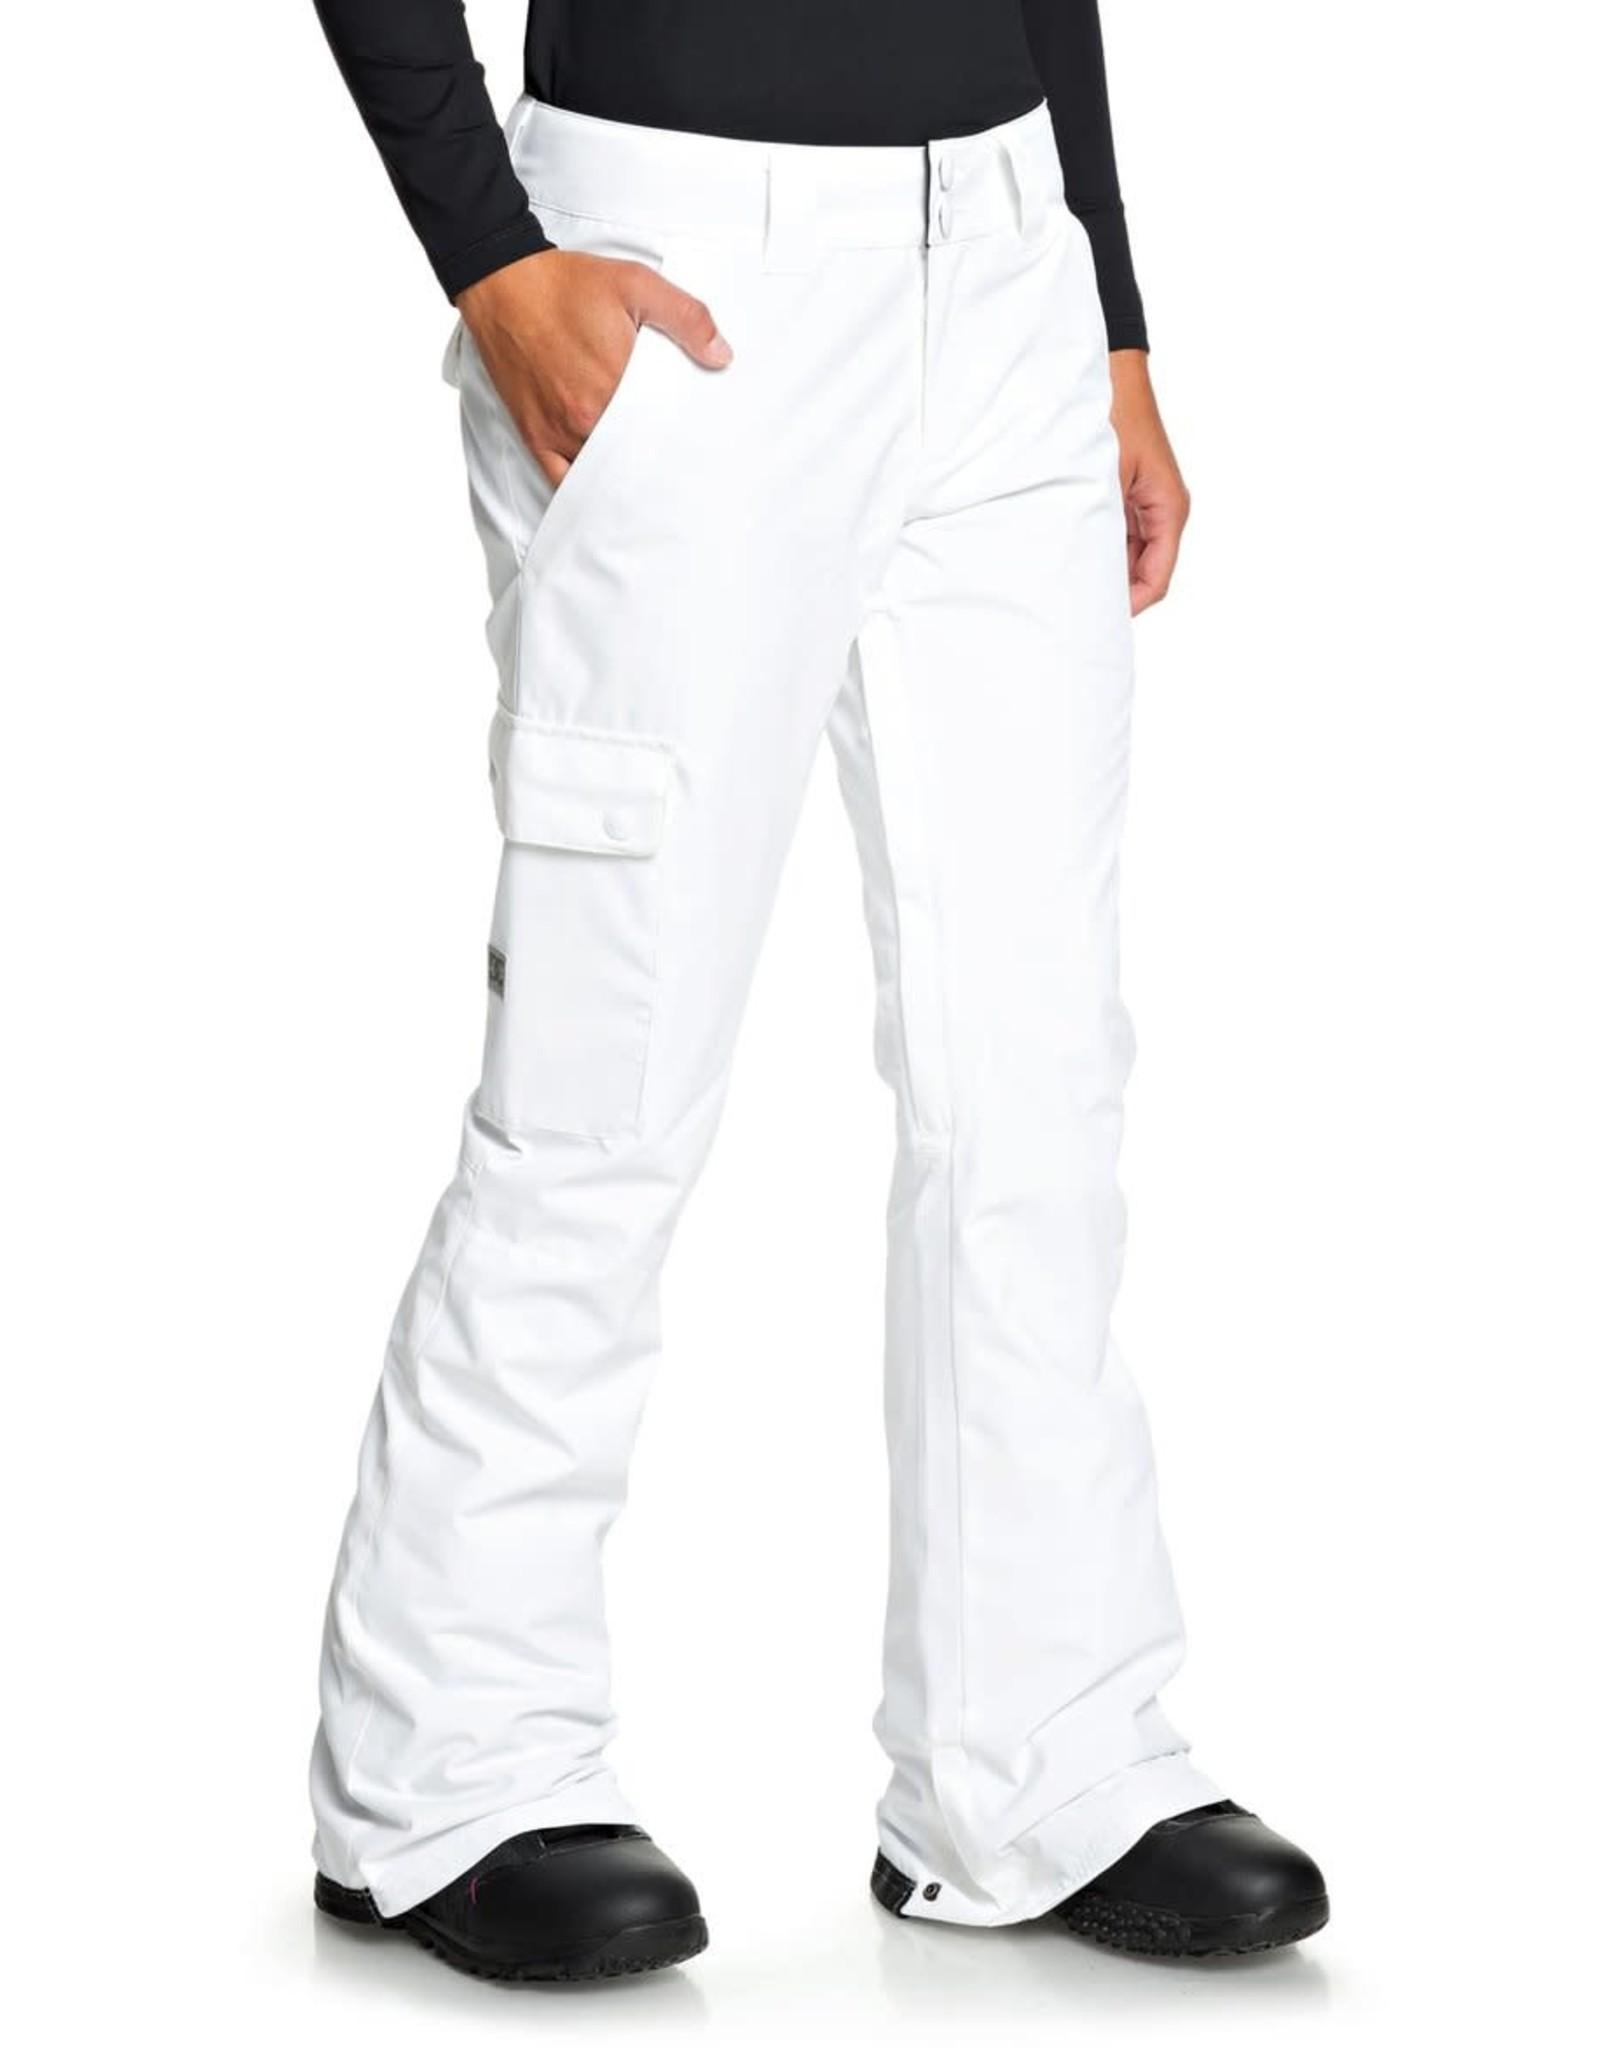 DC DC - Wmns RECRUIT PANT - White -